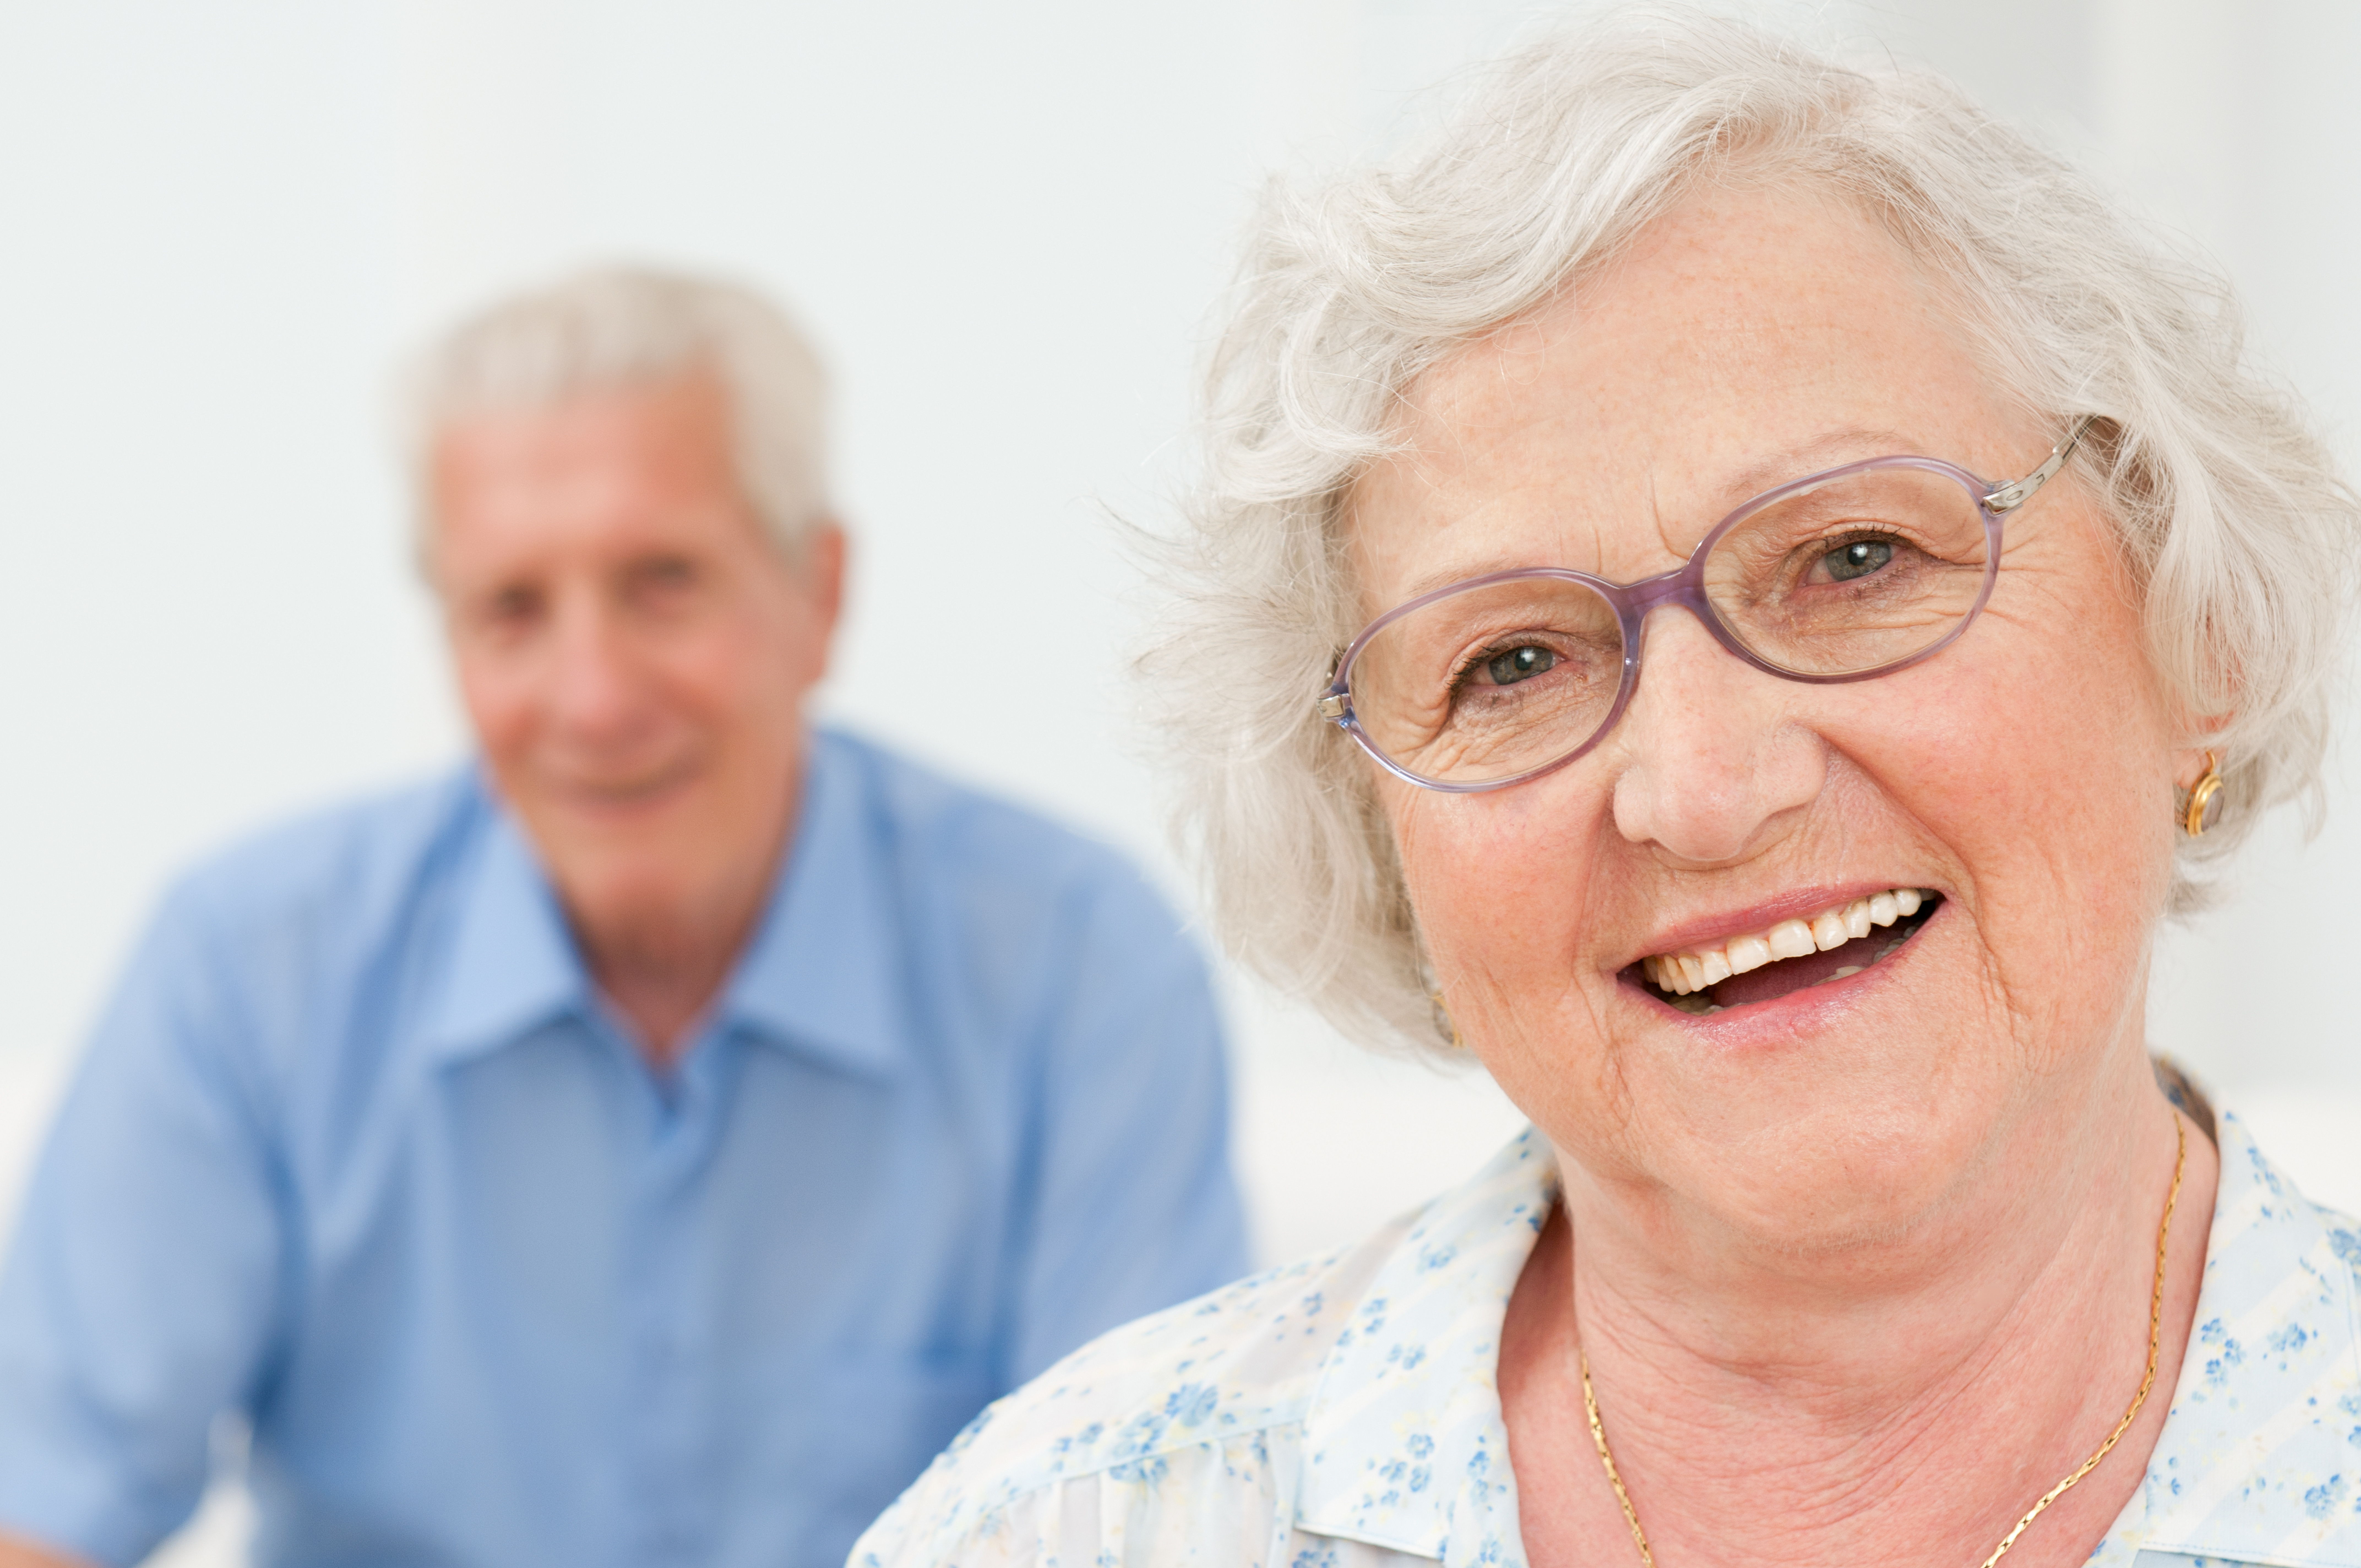 Hábitos de higiene oral en pacientes con prótesis dentales